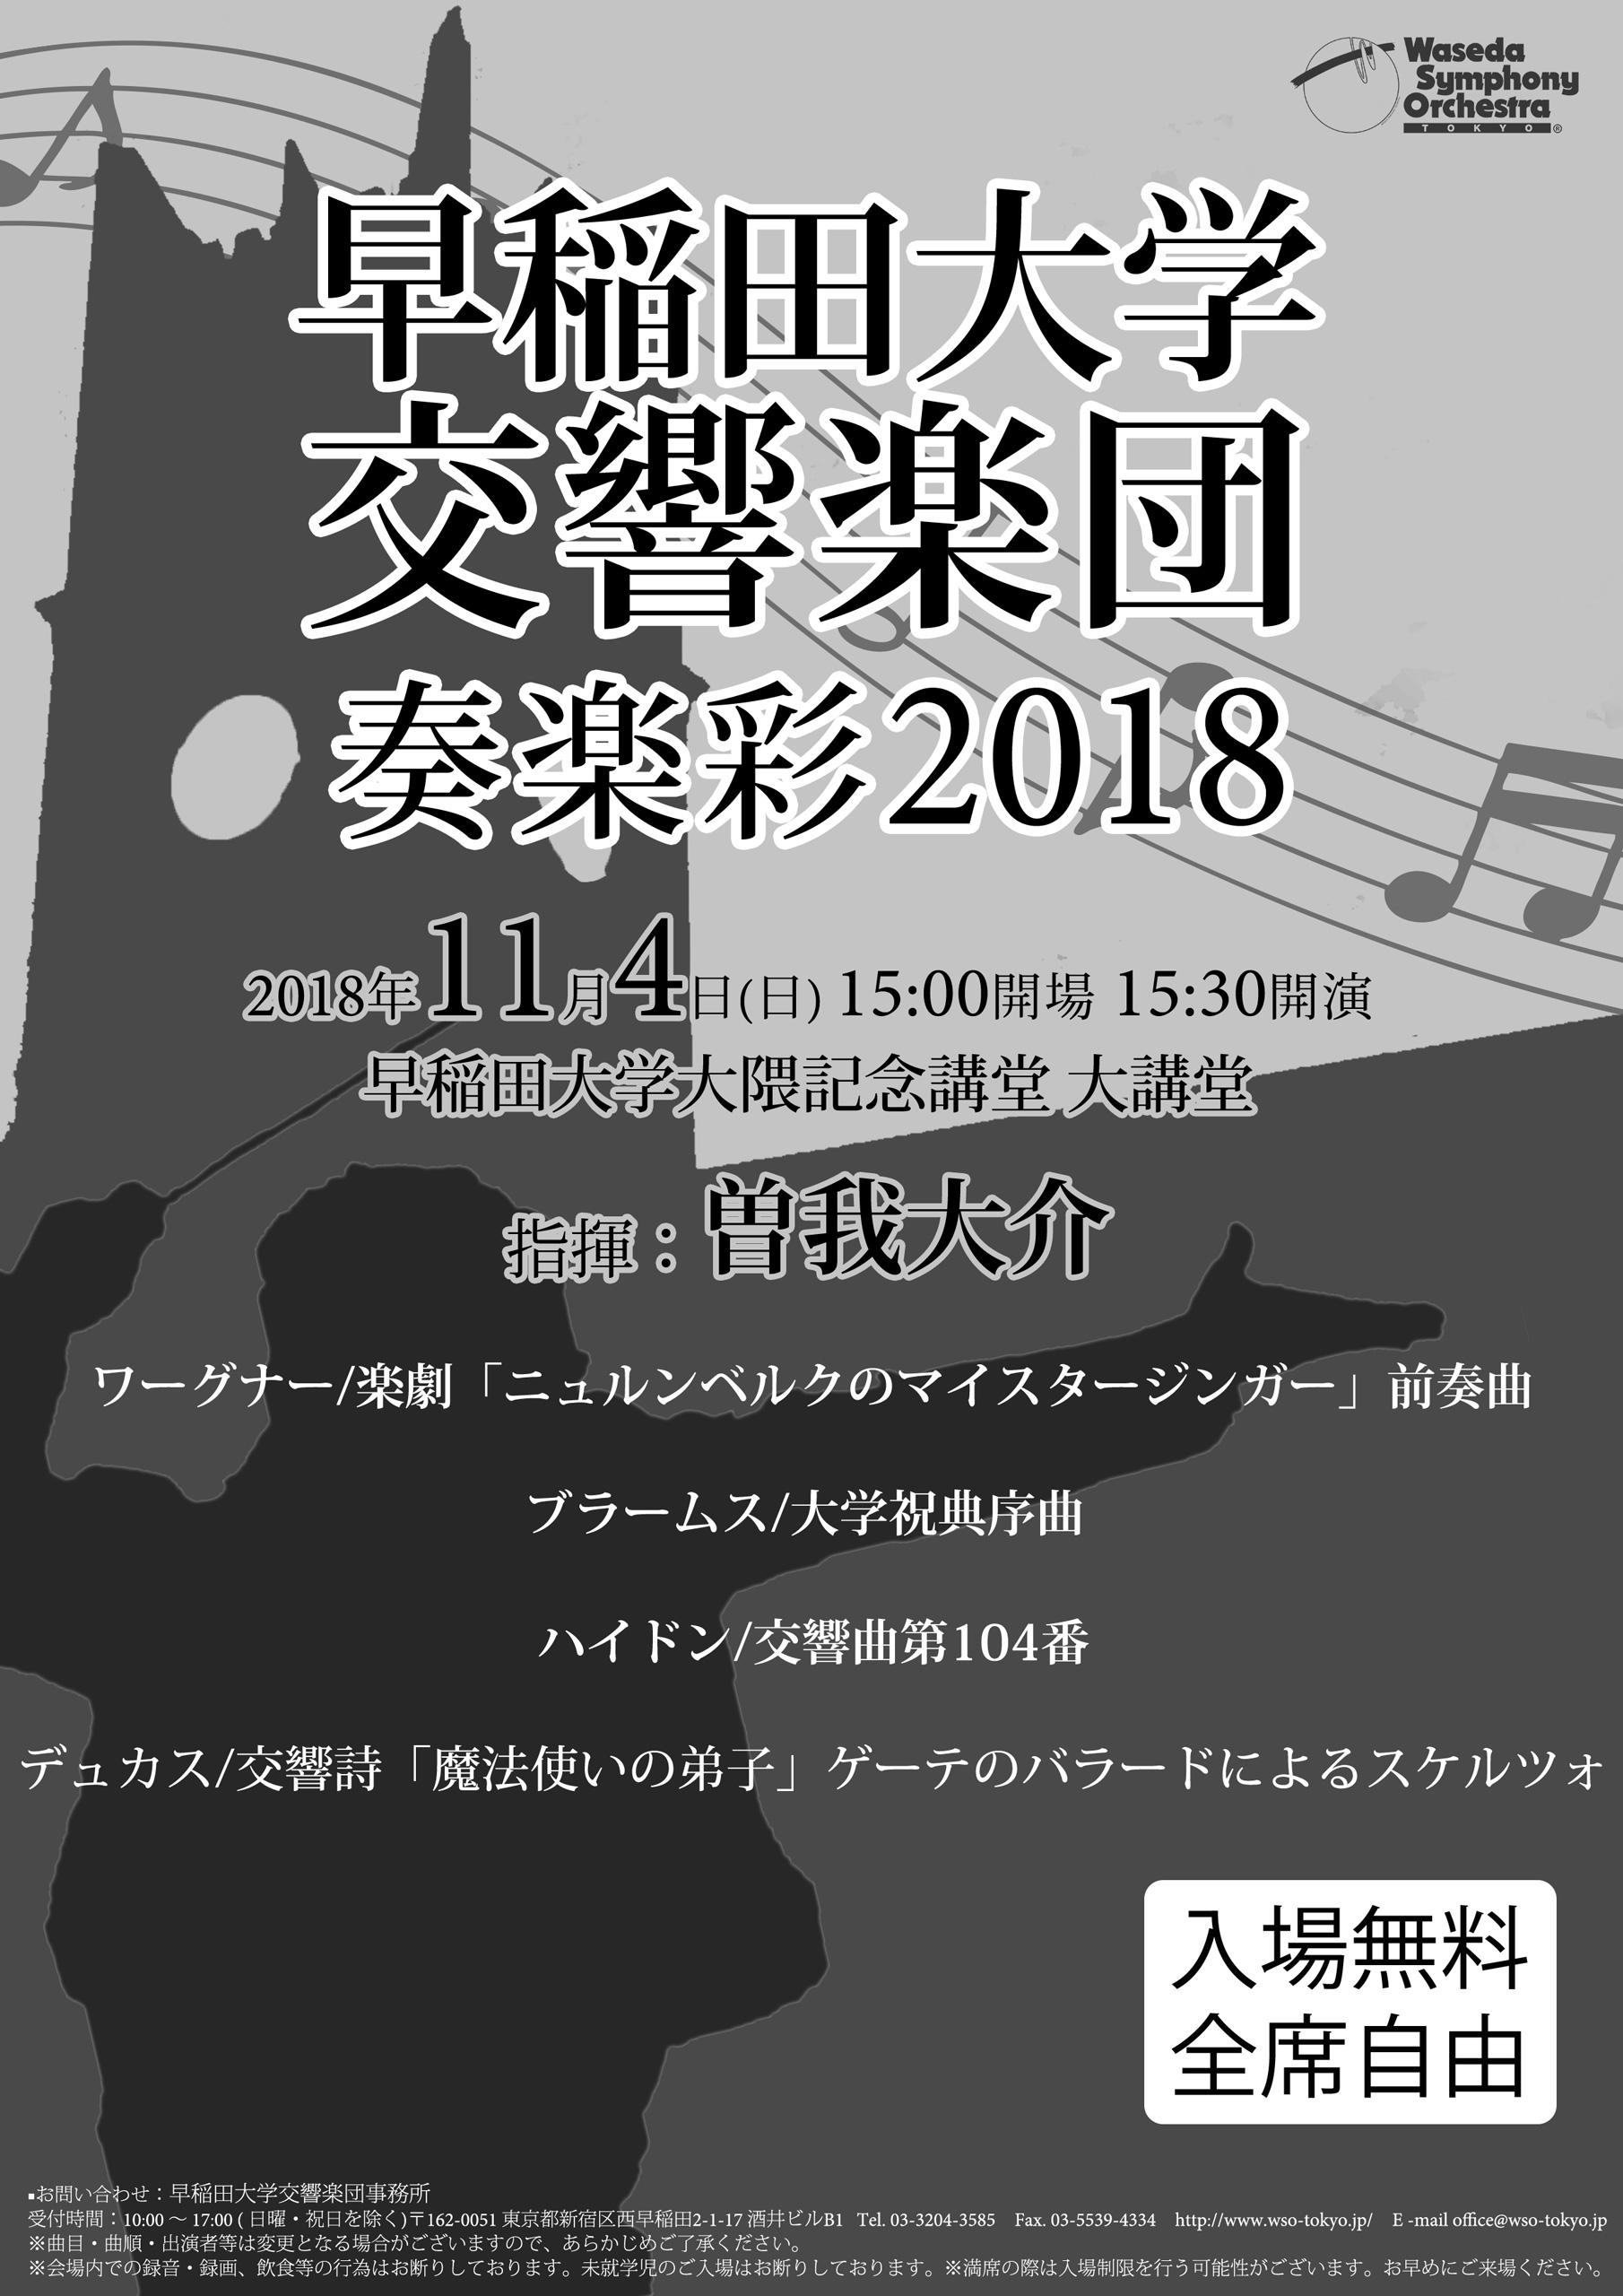 奏楽彩2018